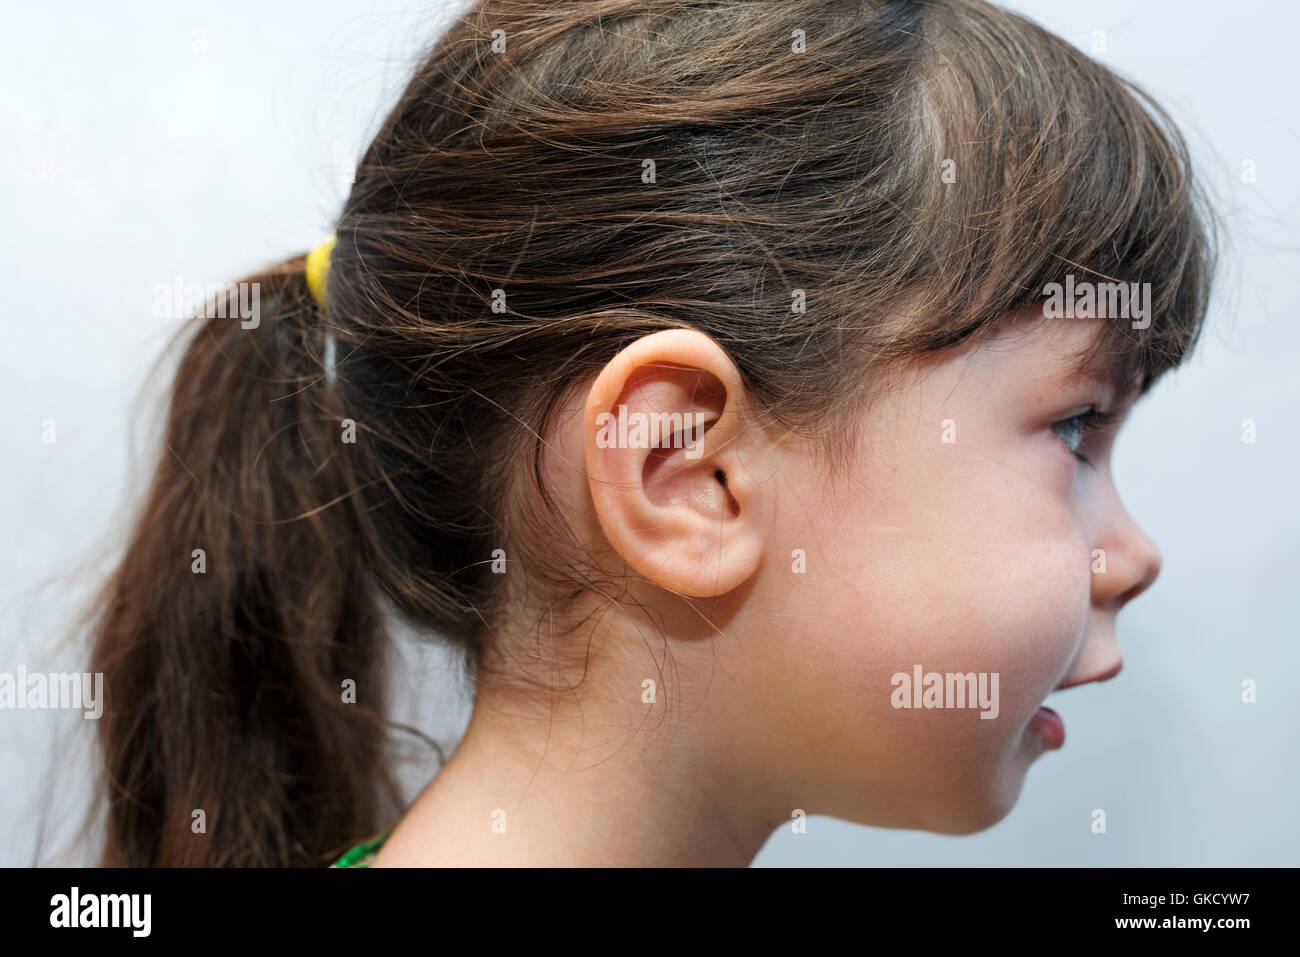 4 Jahre Altes Mädchen Mit Pferdeschwanz Frisur Stockfoto Bild